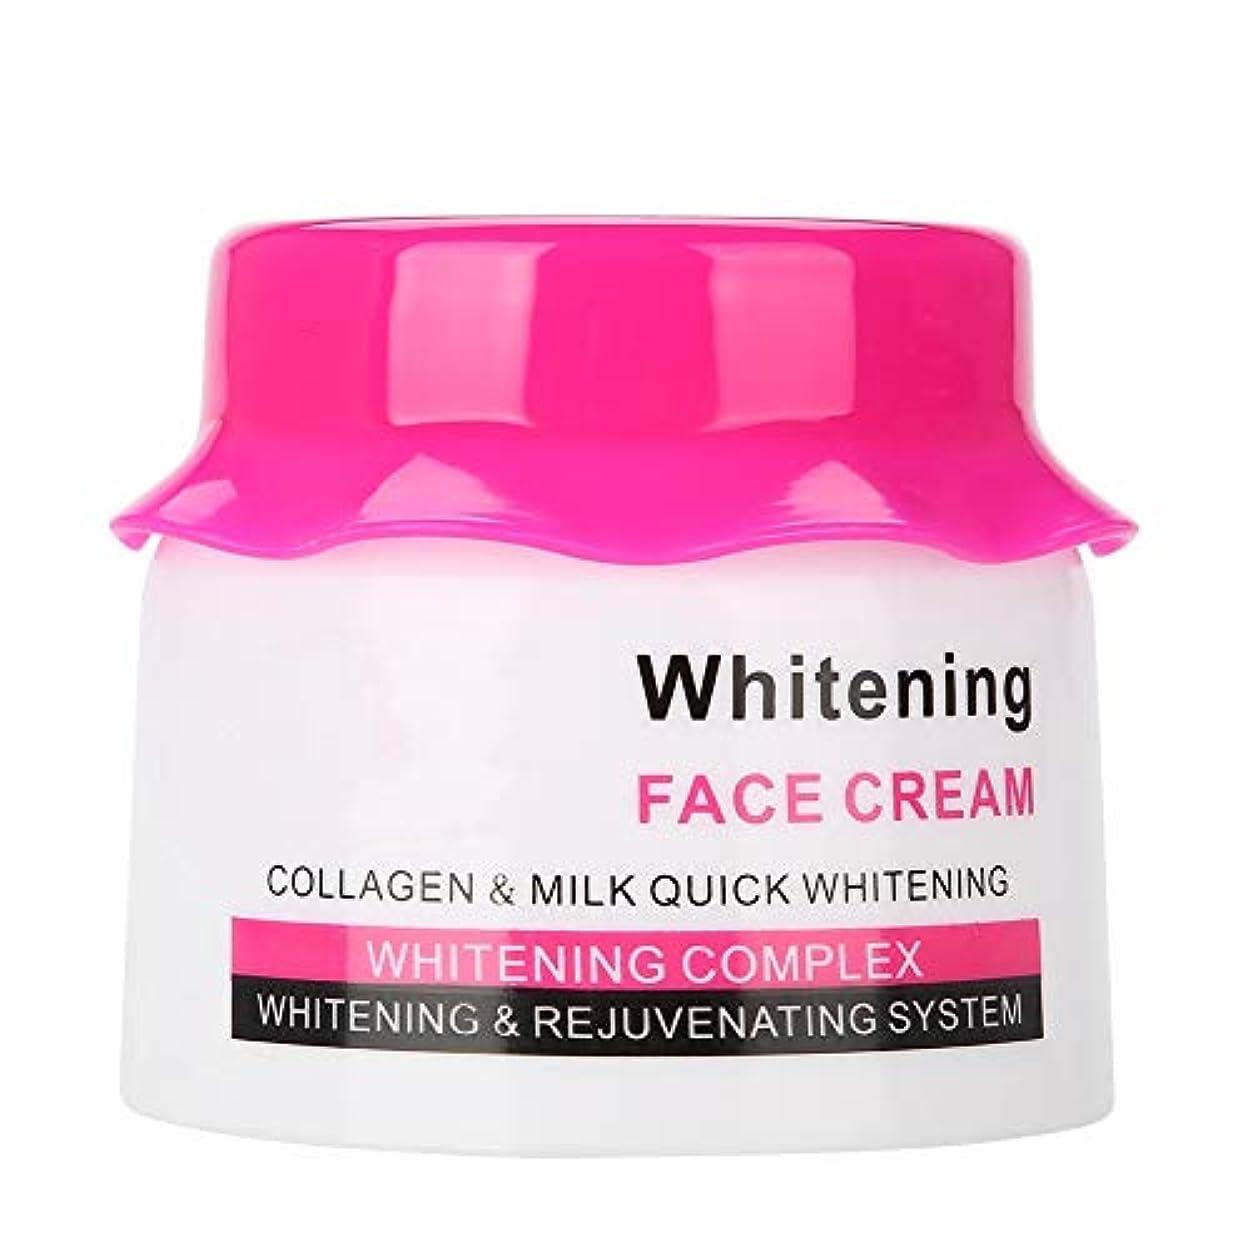 ご覧くださいスパイラル色合い天然コラーゲン、肌のリラクゼーションと引き締まった肌の多機能、保湿引き締めフェイシャルシュリンクポアケア肌を白くするフェイシャルクリーム